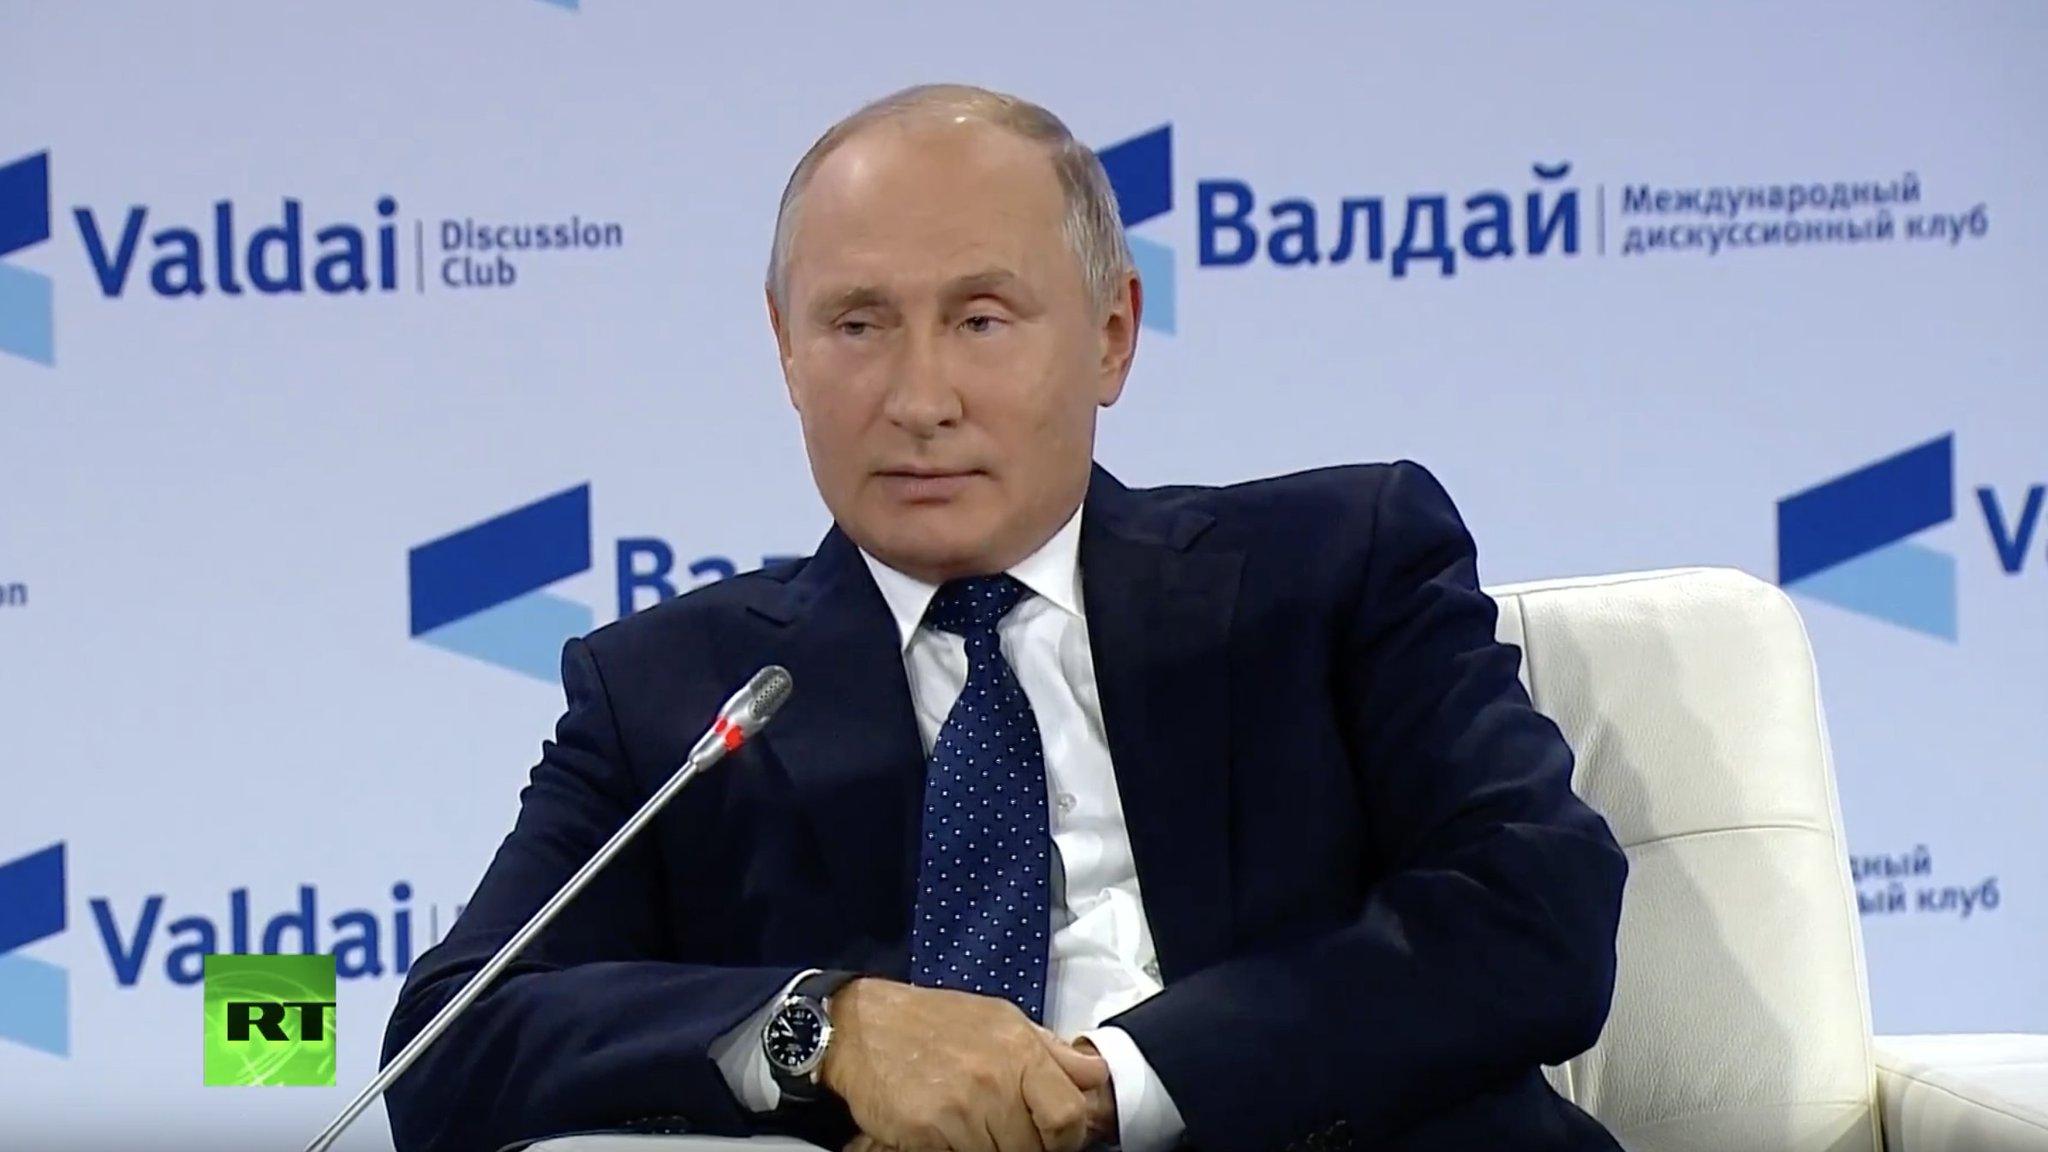 О речи Путина на Валдайском форуме…